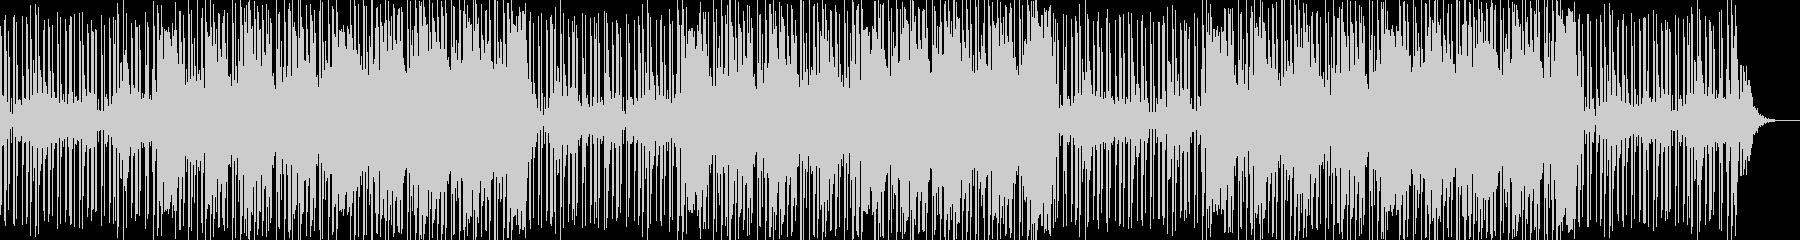 インディーロック トラップ ヒップ...の未再生の波形